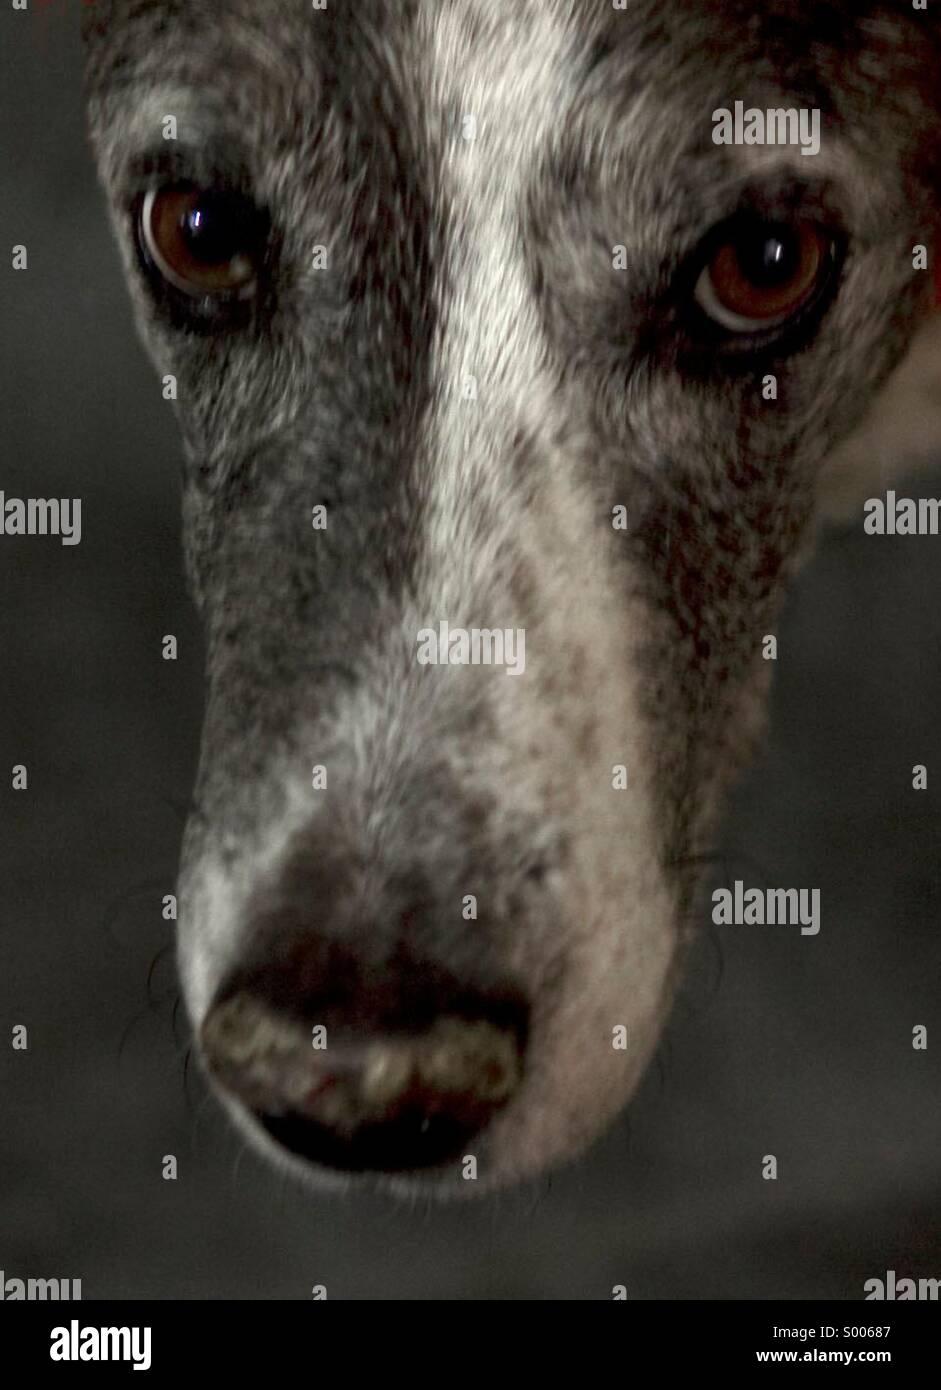 Cane, Catahoula, Razza, viso, guardando la telecamera, Pet, animali addomesticati, occhi, Close-up, nessun popolo Immagini Stock